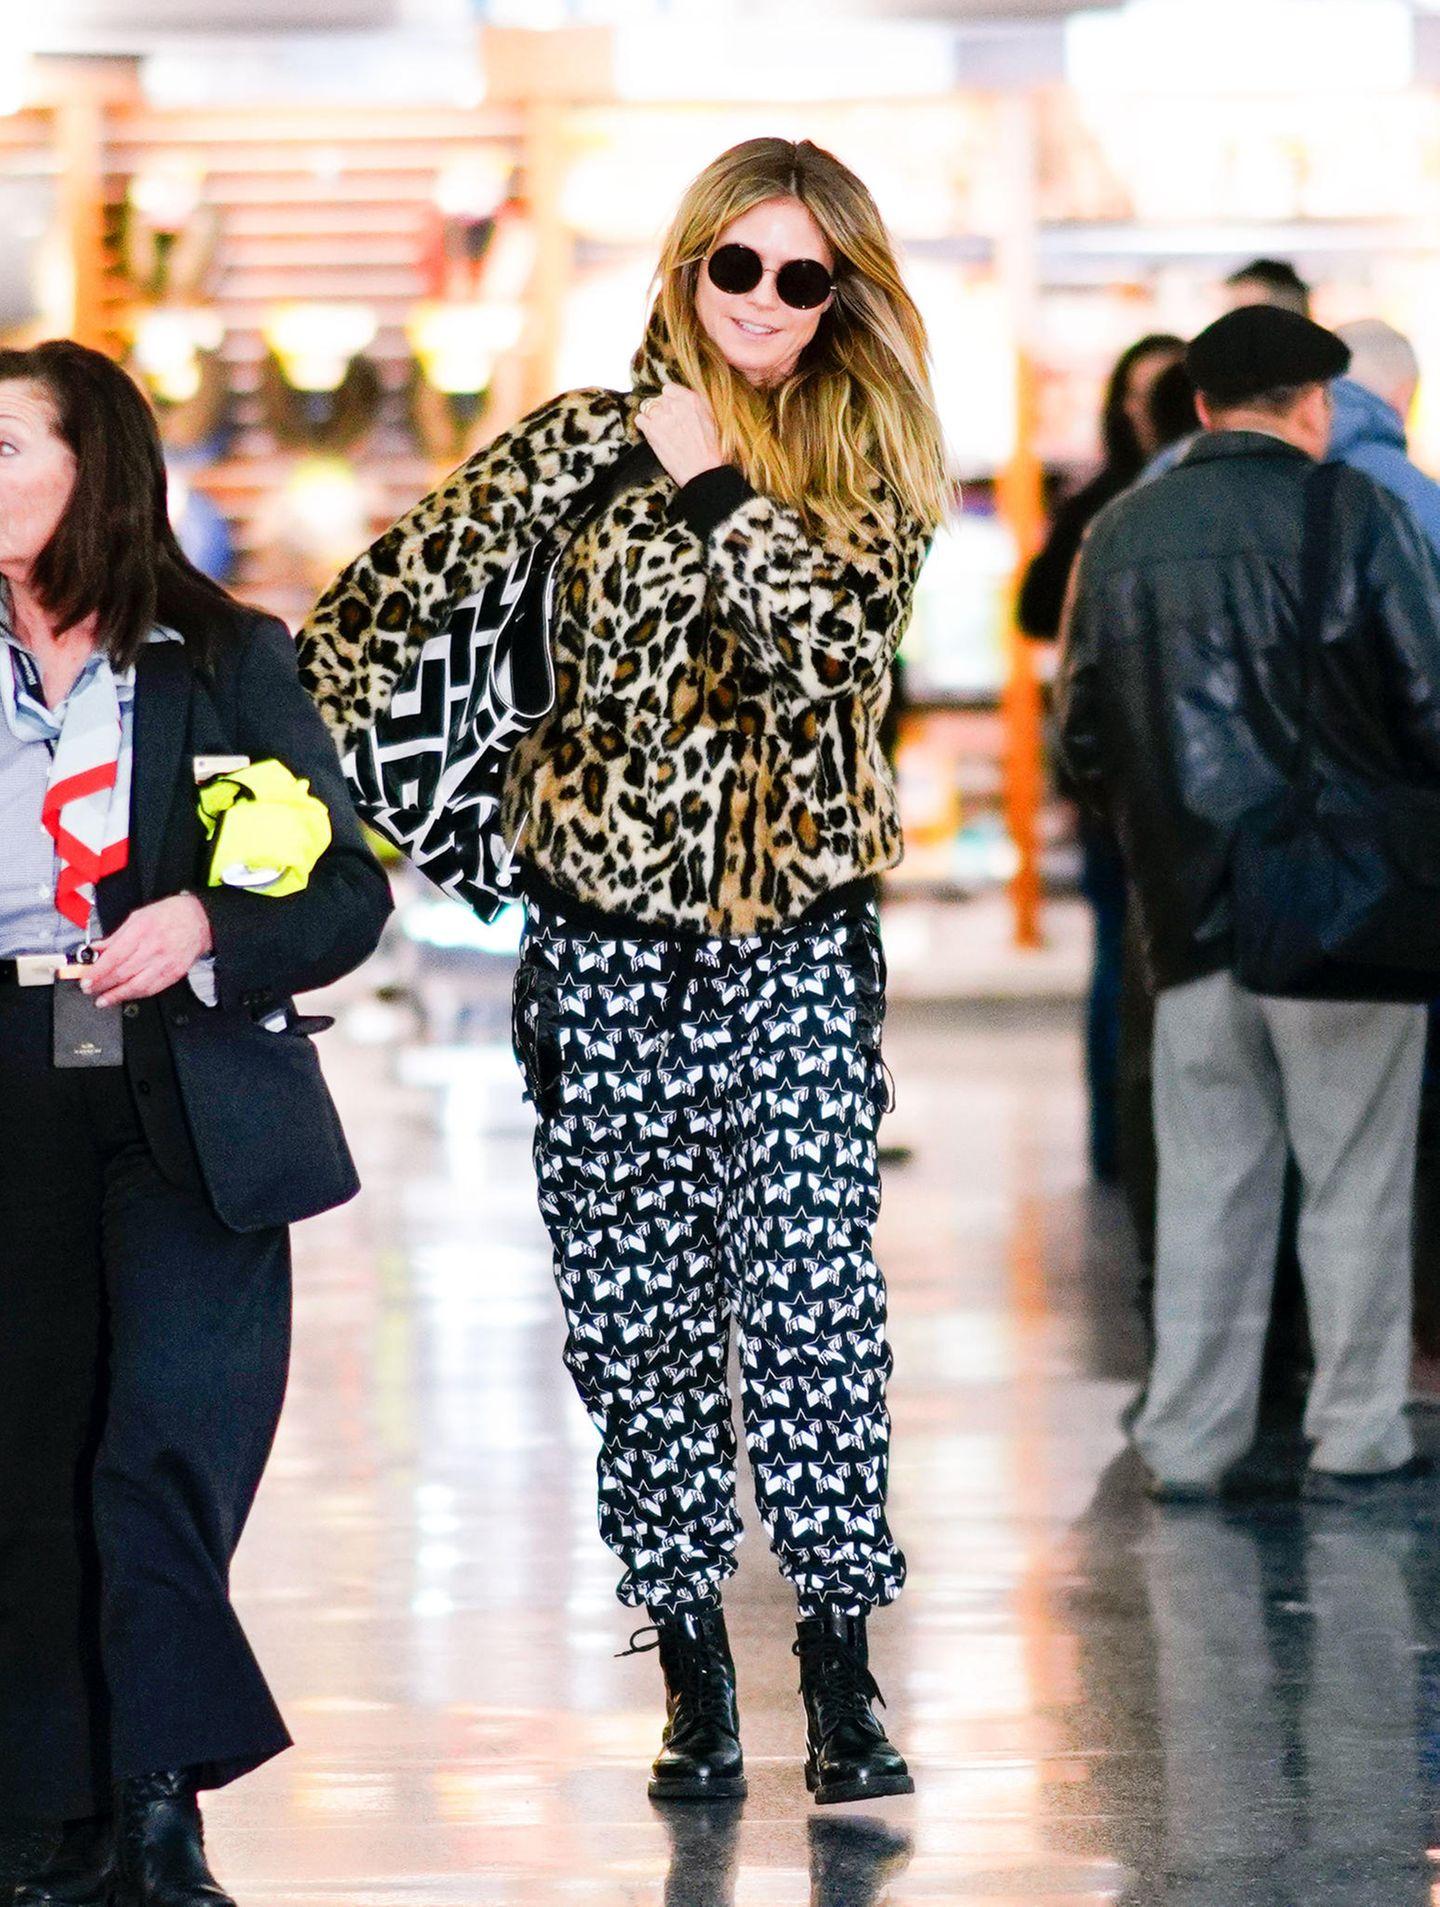 Sogar die Handtasche des Models ist gemustert. Ob sie die dunkle Sonnenbrille wegen des Blitzlichtgewitters trägt oder weil sie trotz auffälligem Look unerkannt bleiben möchte?